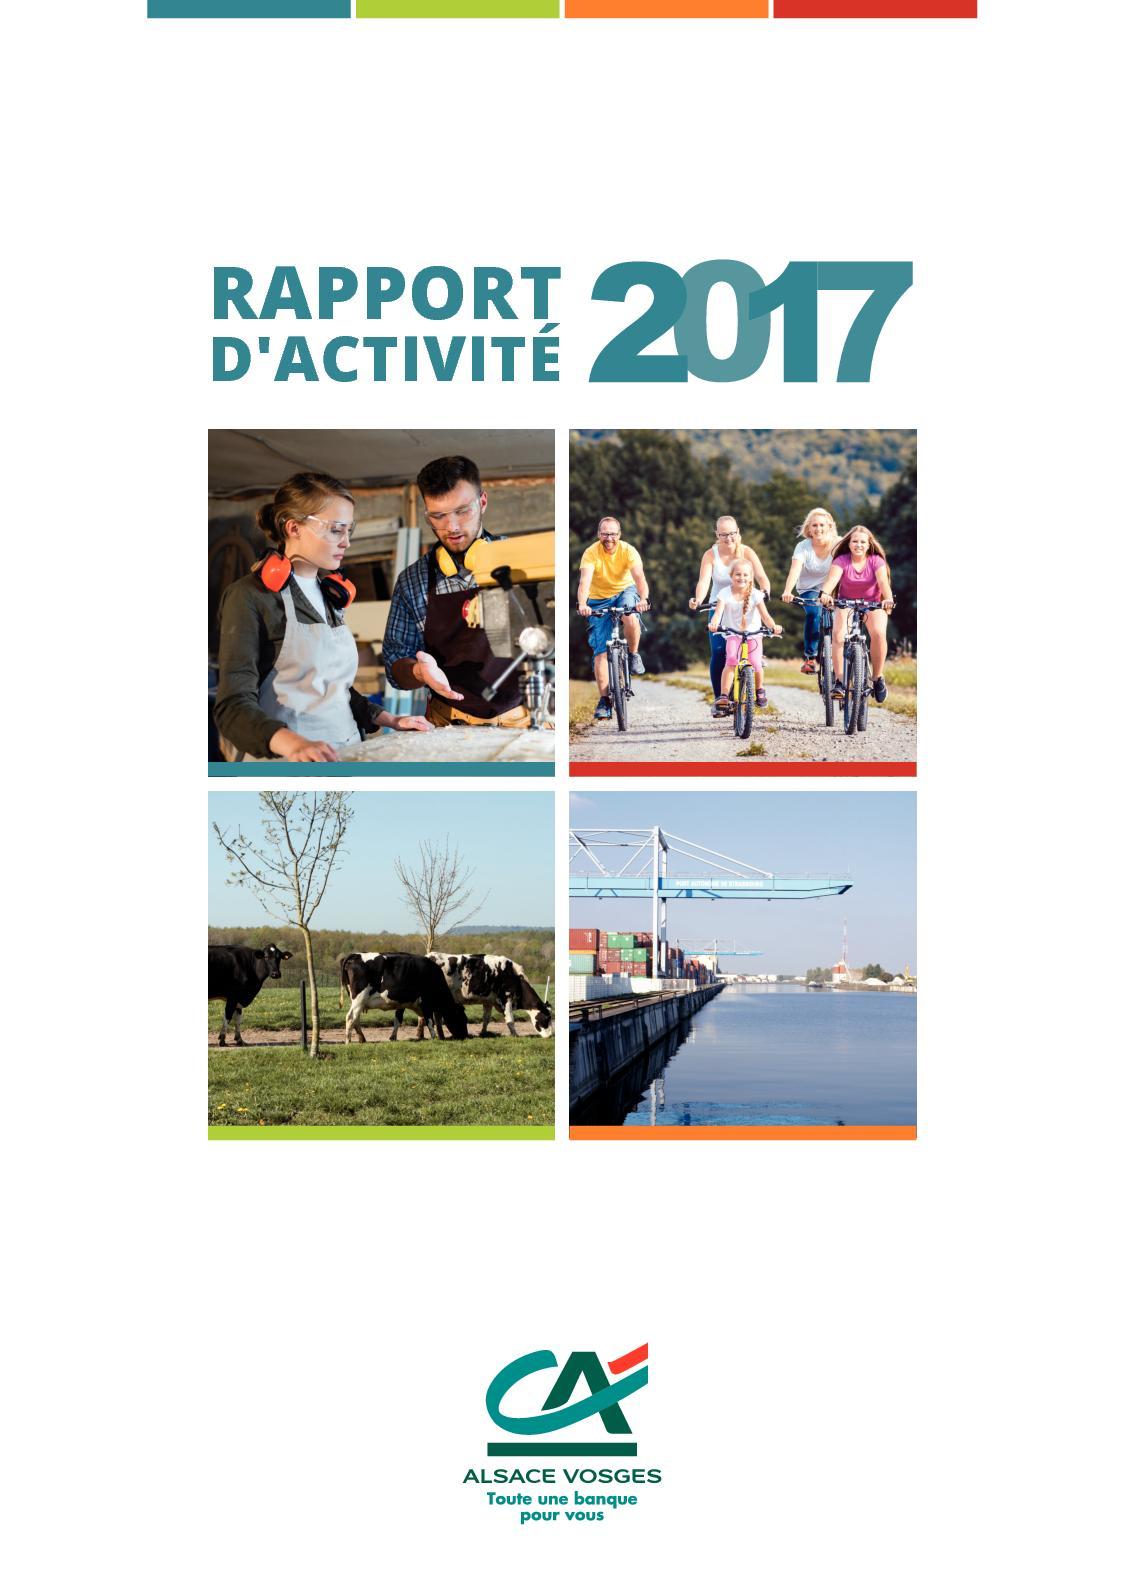 Calaméo - Rapport Activité Crédit Agricole Alsace Vosges 2017 f568d7cd70df